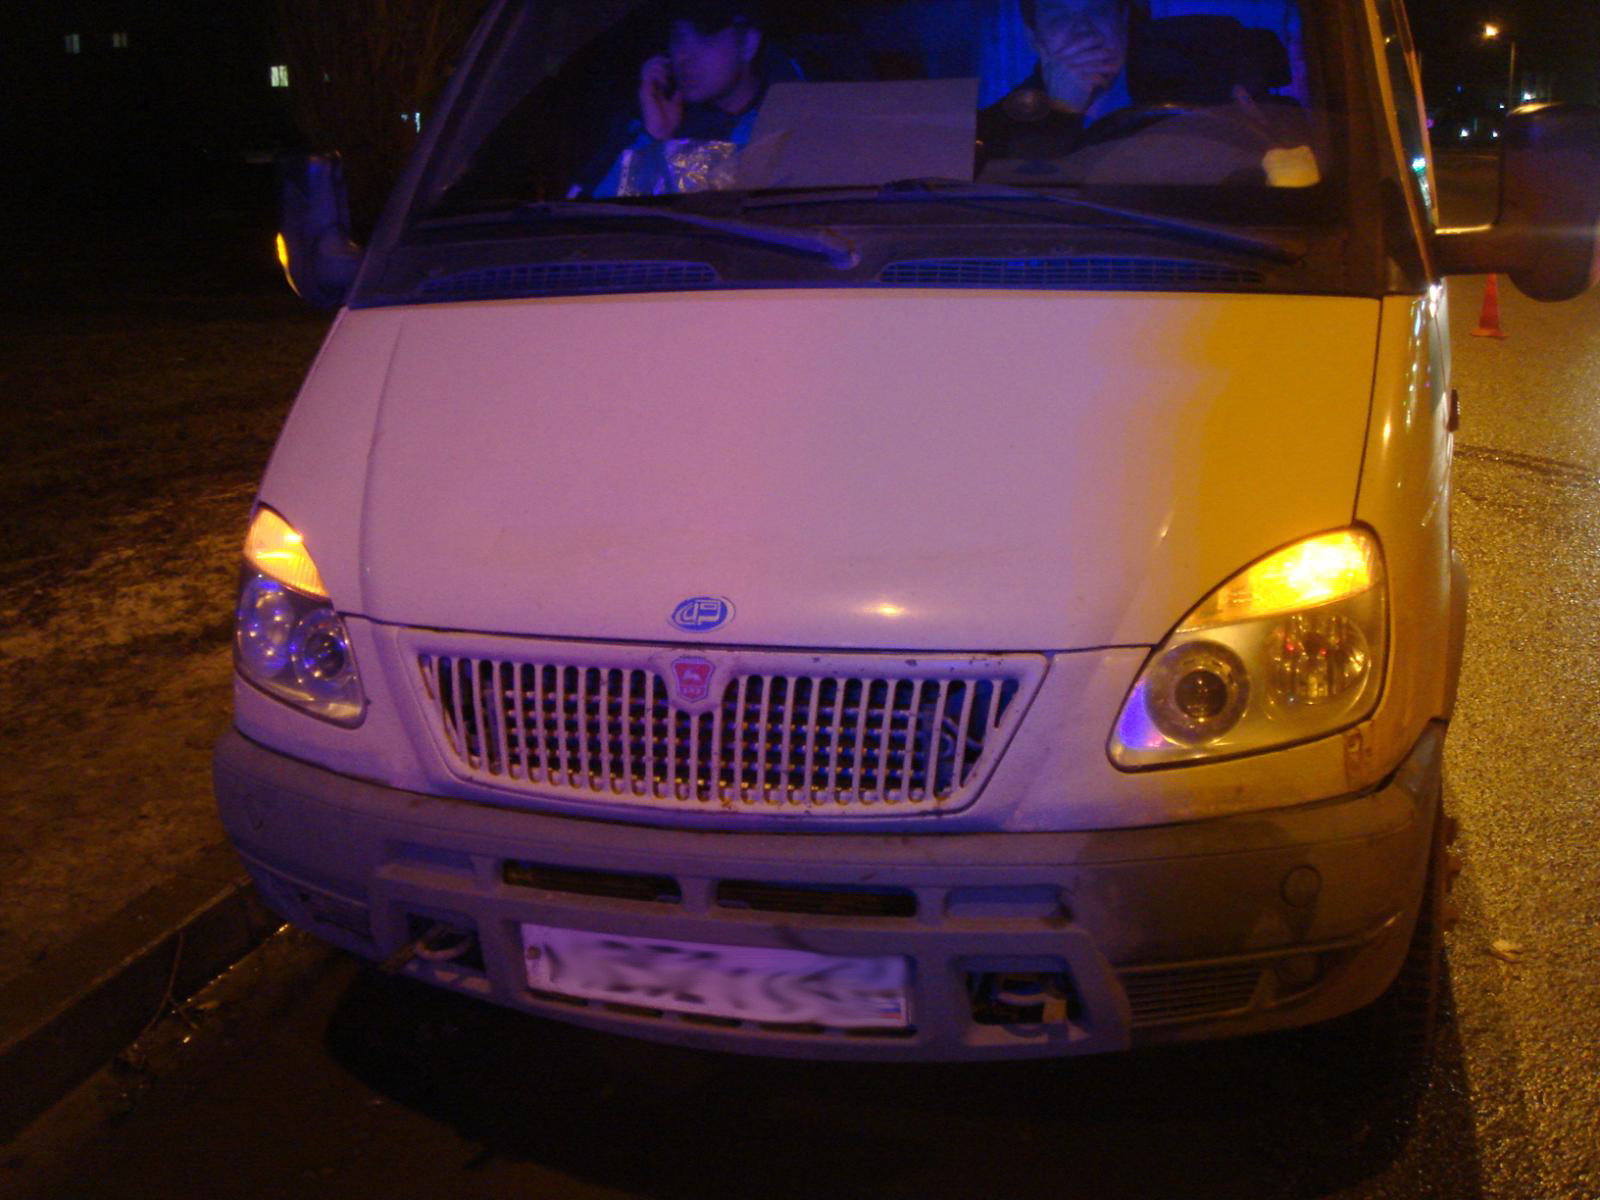 В Тамбове мужчина на легковушке переехал женщину, которая лежала на дороге